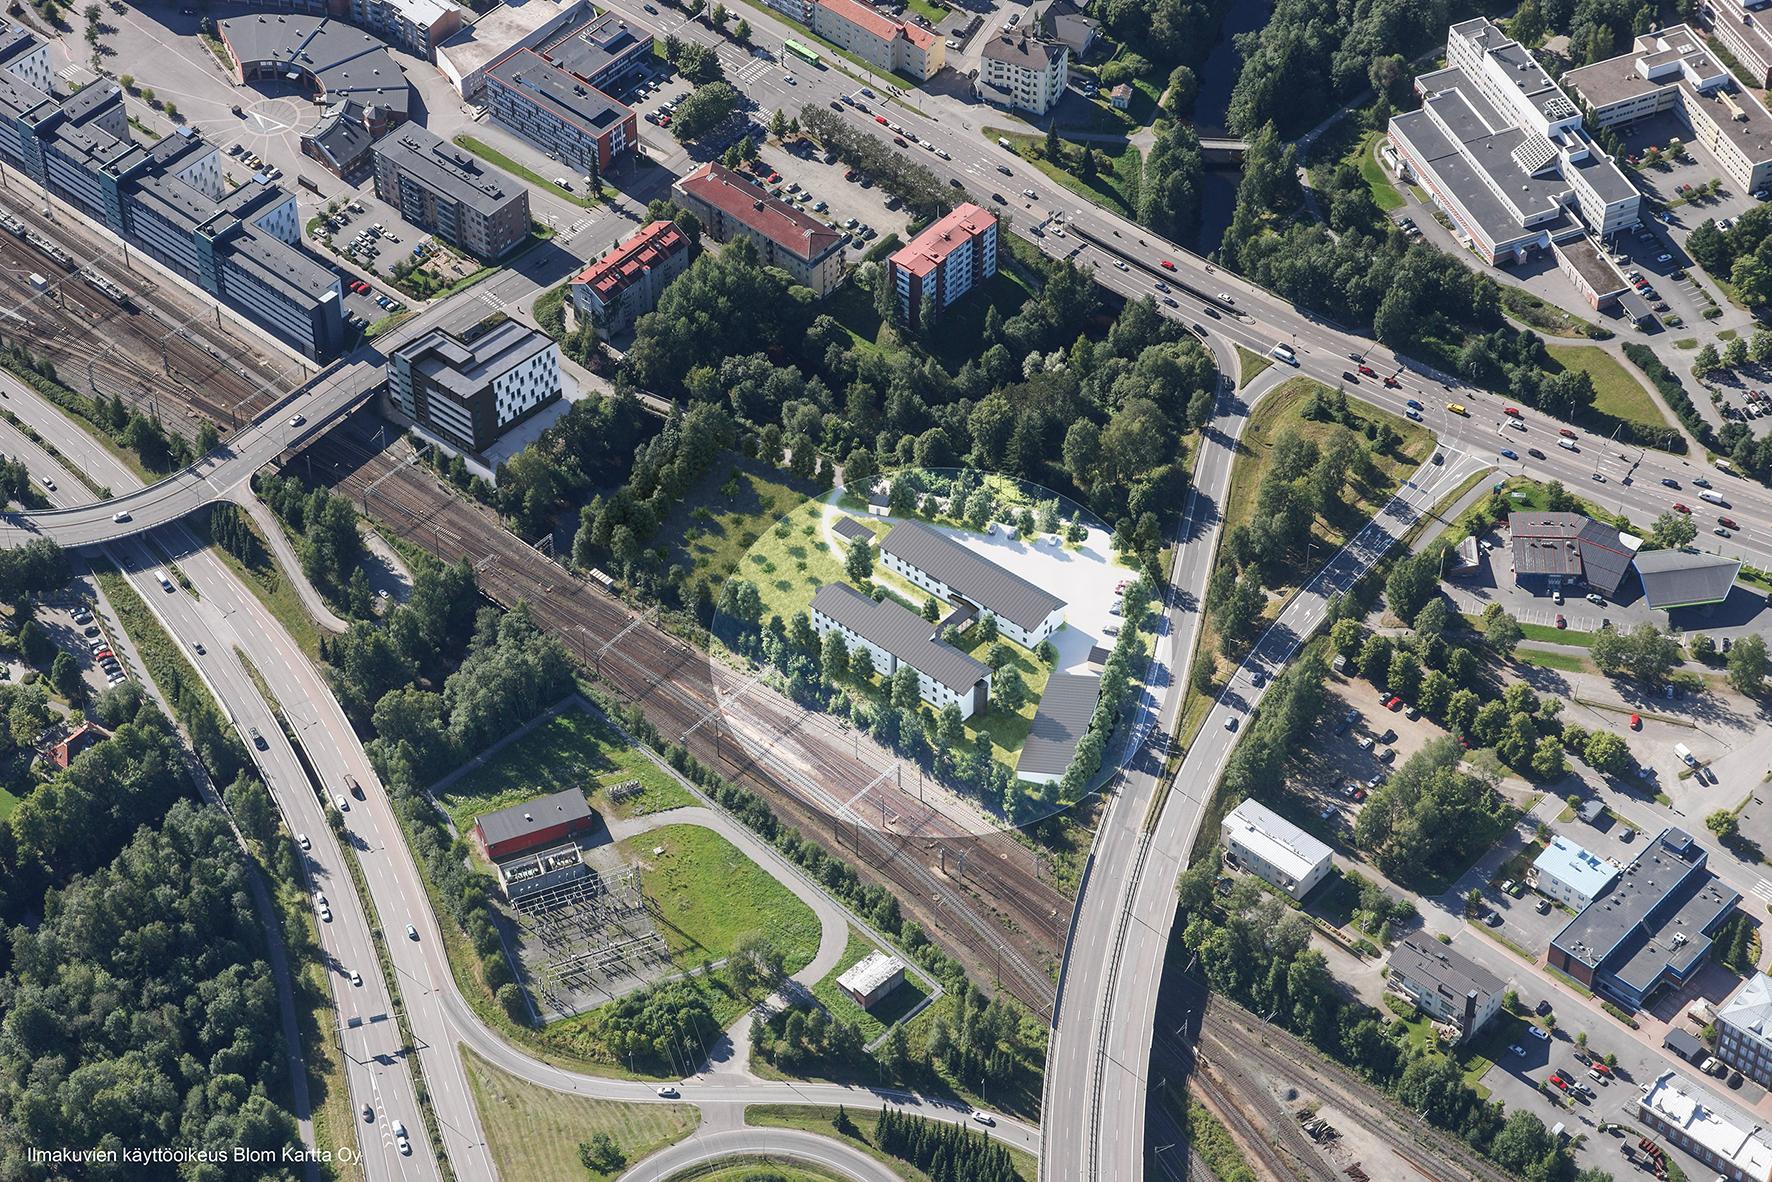 jyväskylän työpaikat Kannustyöpaikat jyväskylä mol Helsinki